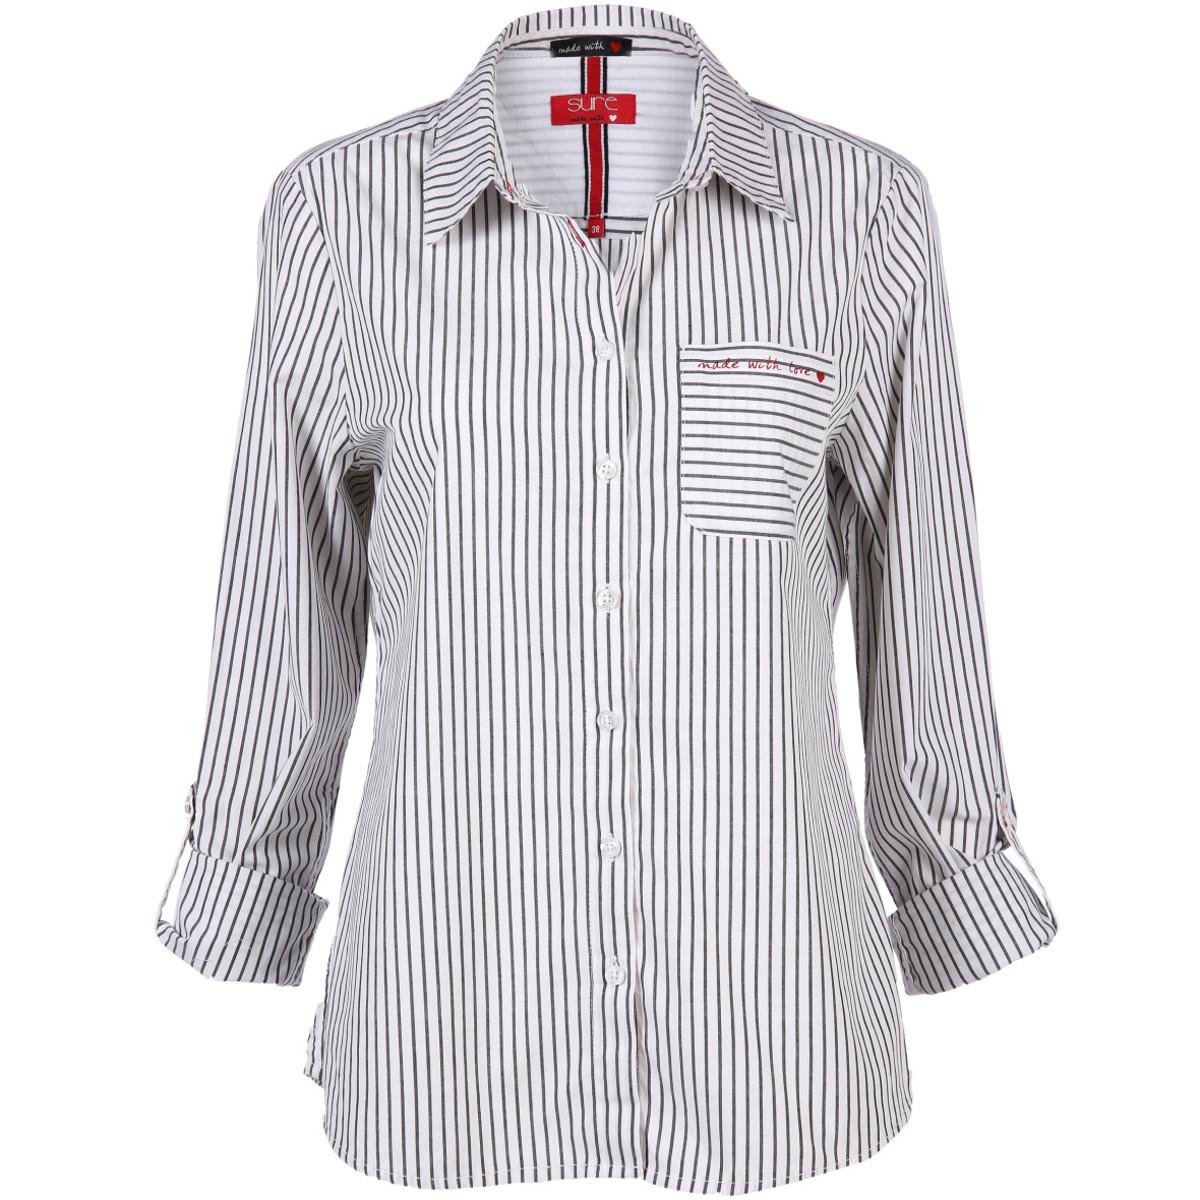 Bild 1 von Damen Bluse mit Streifen